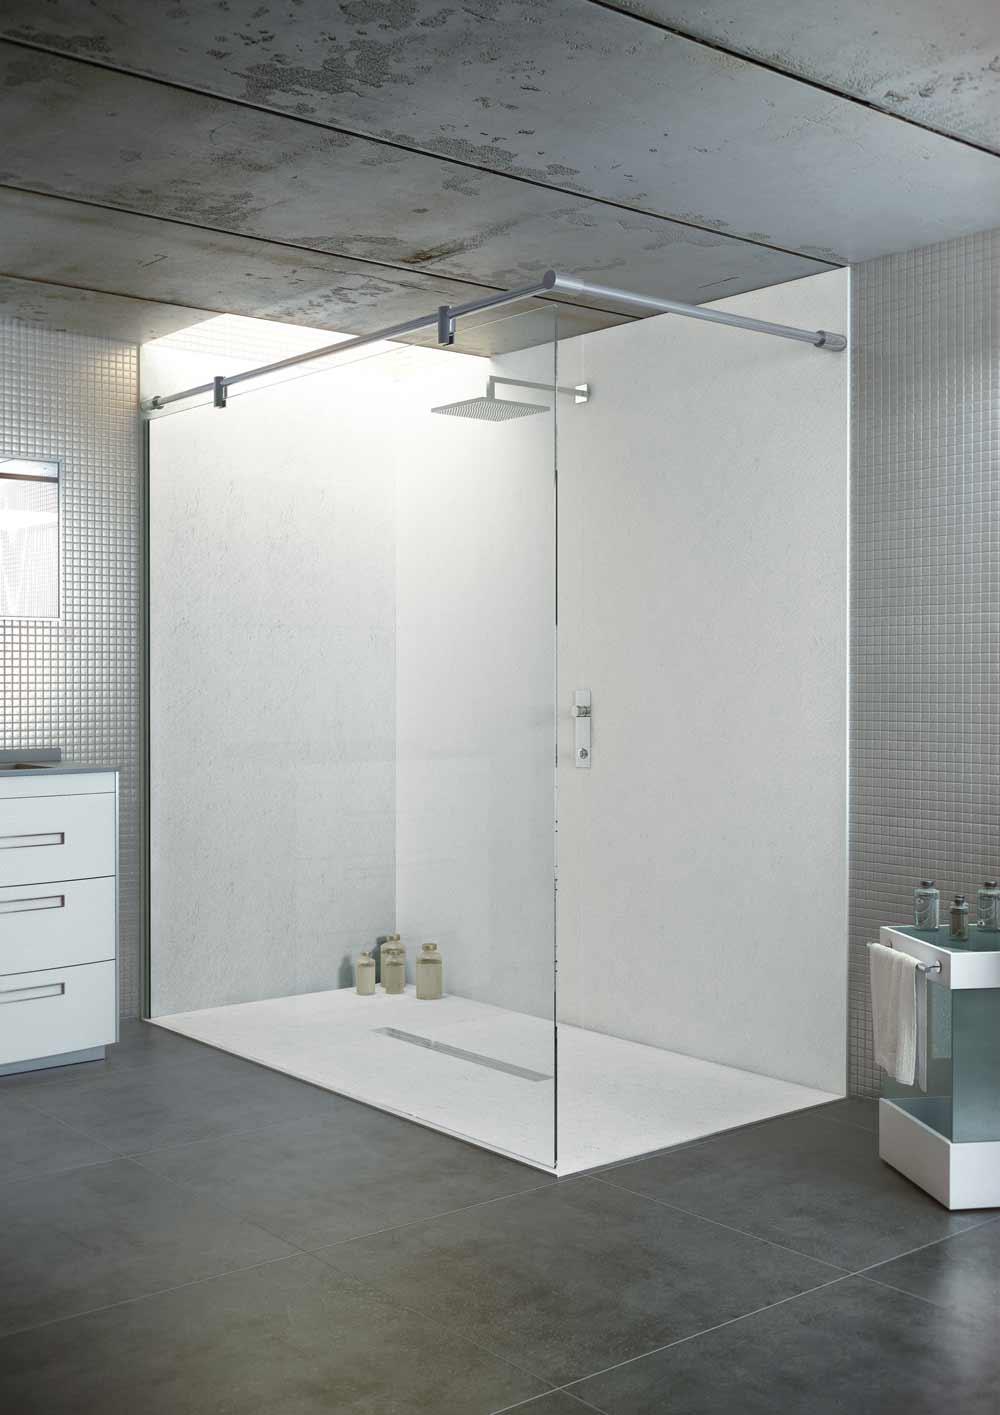 Baño minimalista con plato de ducha extraplano en color blanco.